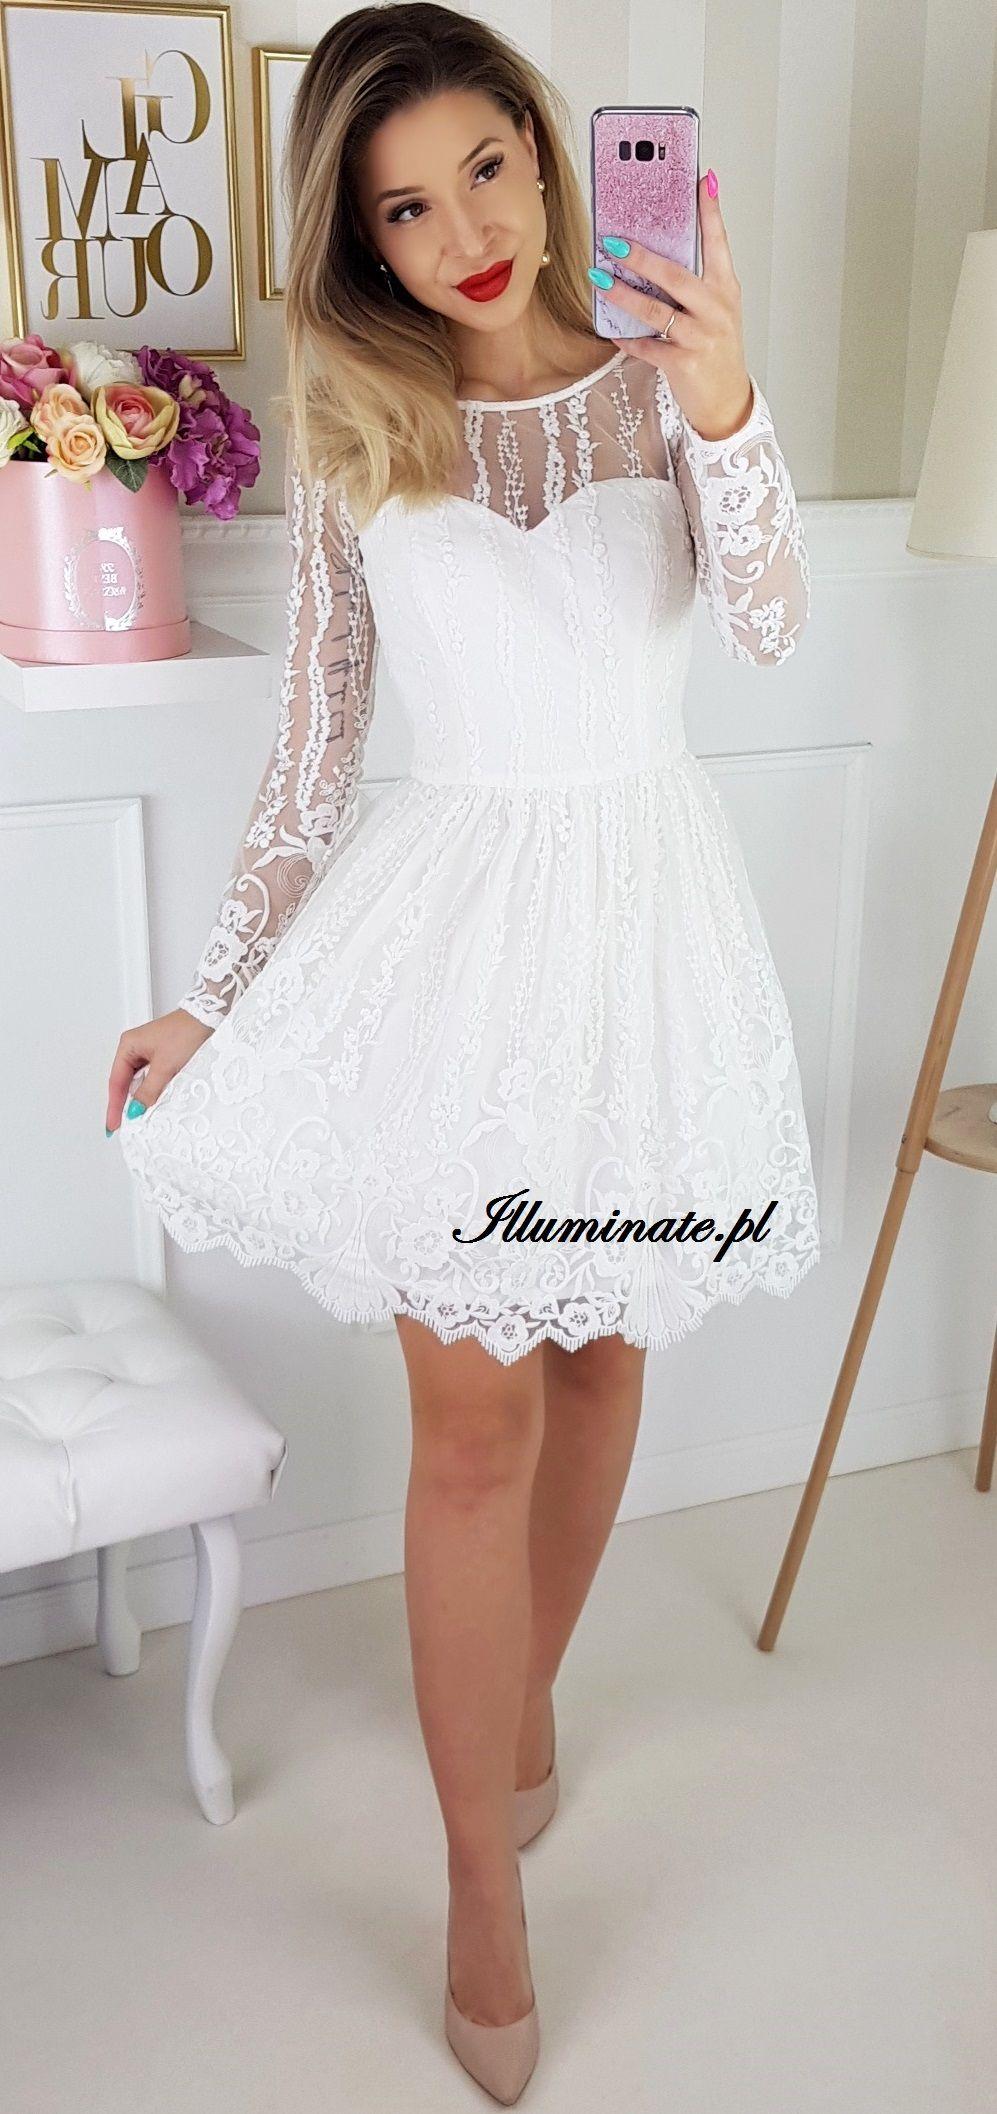 bf917c3ea70cc0 Biała koronkowa tiulowa sukienka na poprawiny. Piękna krótka ślubna sukienka  z długim rękawem. #white #lace #dress #wedding #long #sleeves #whitedress  ...